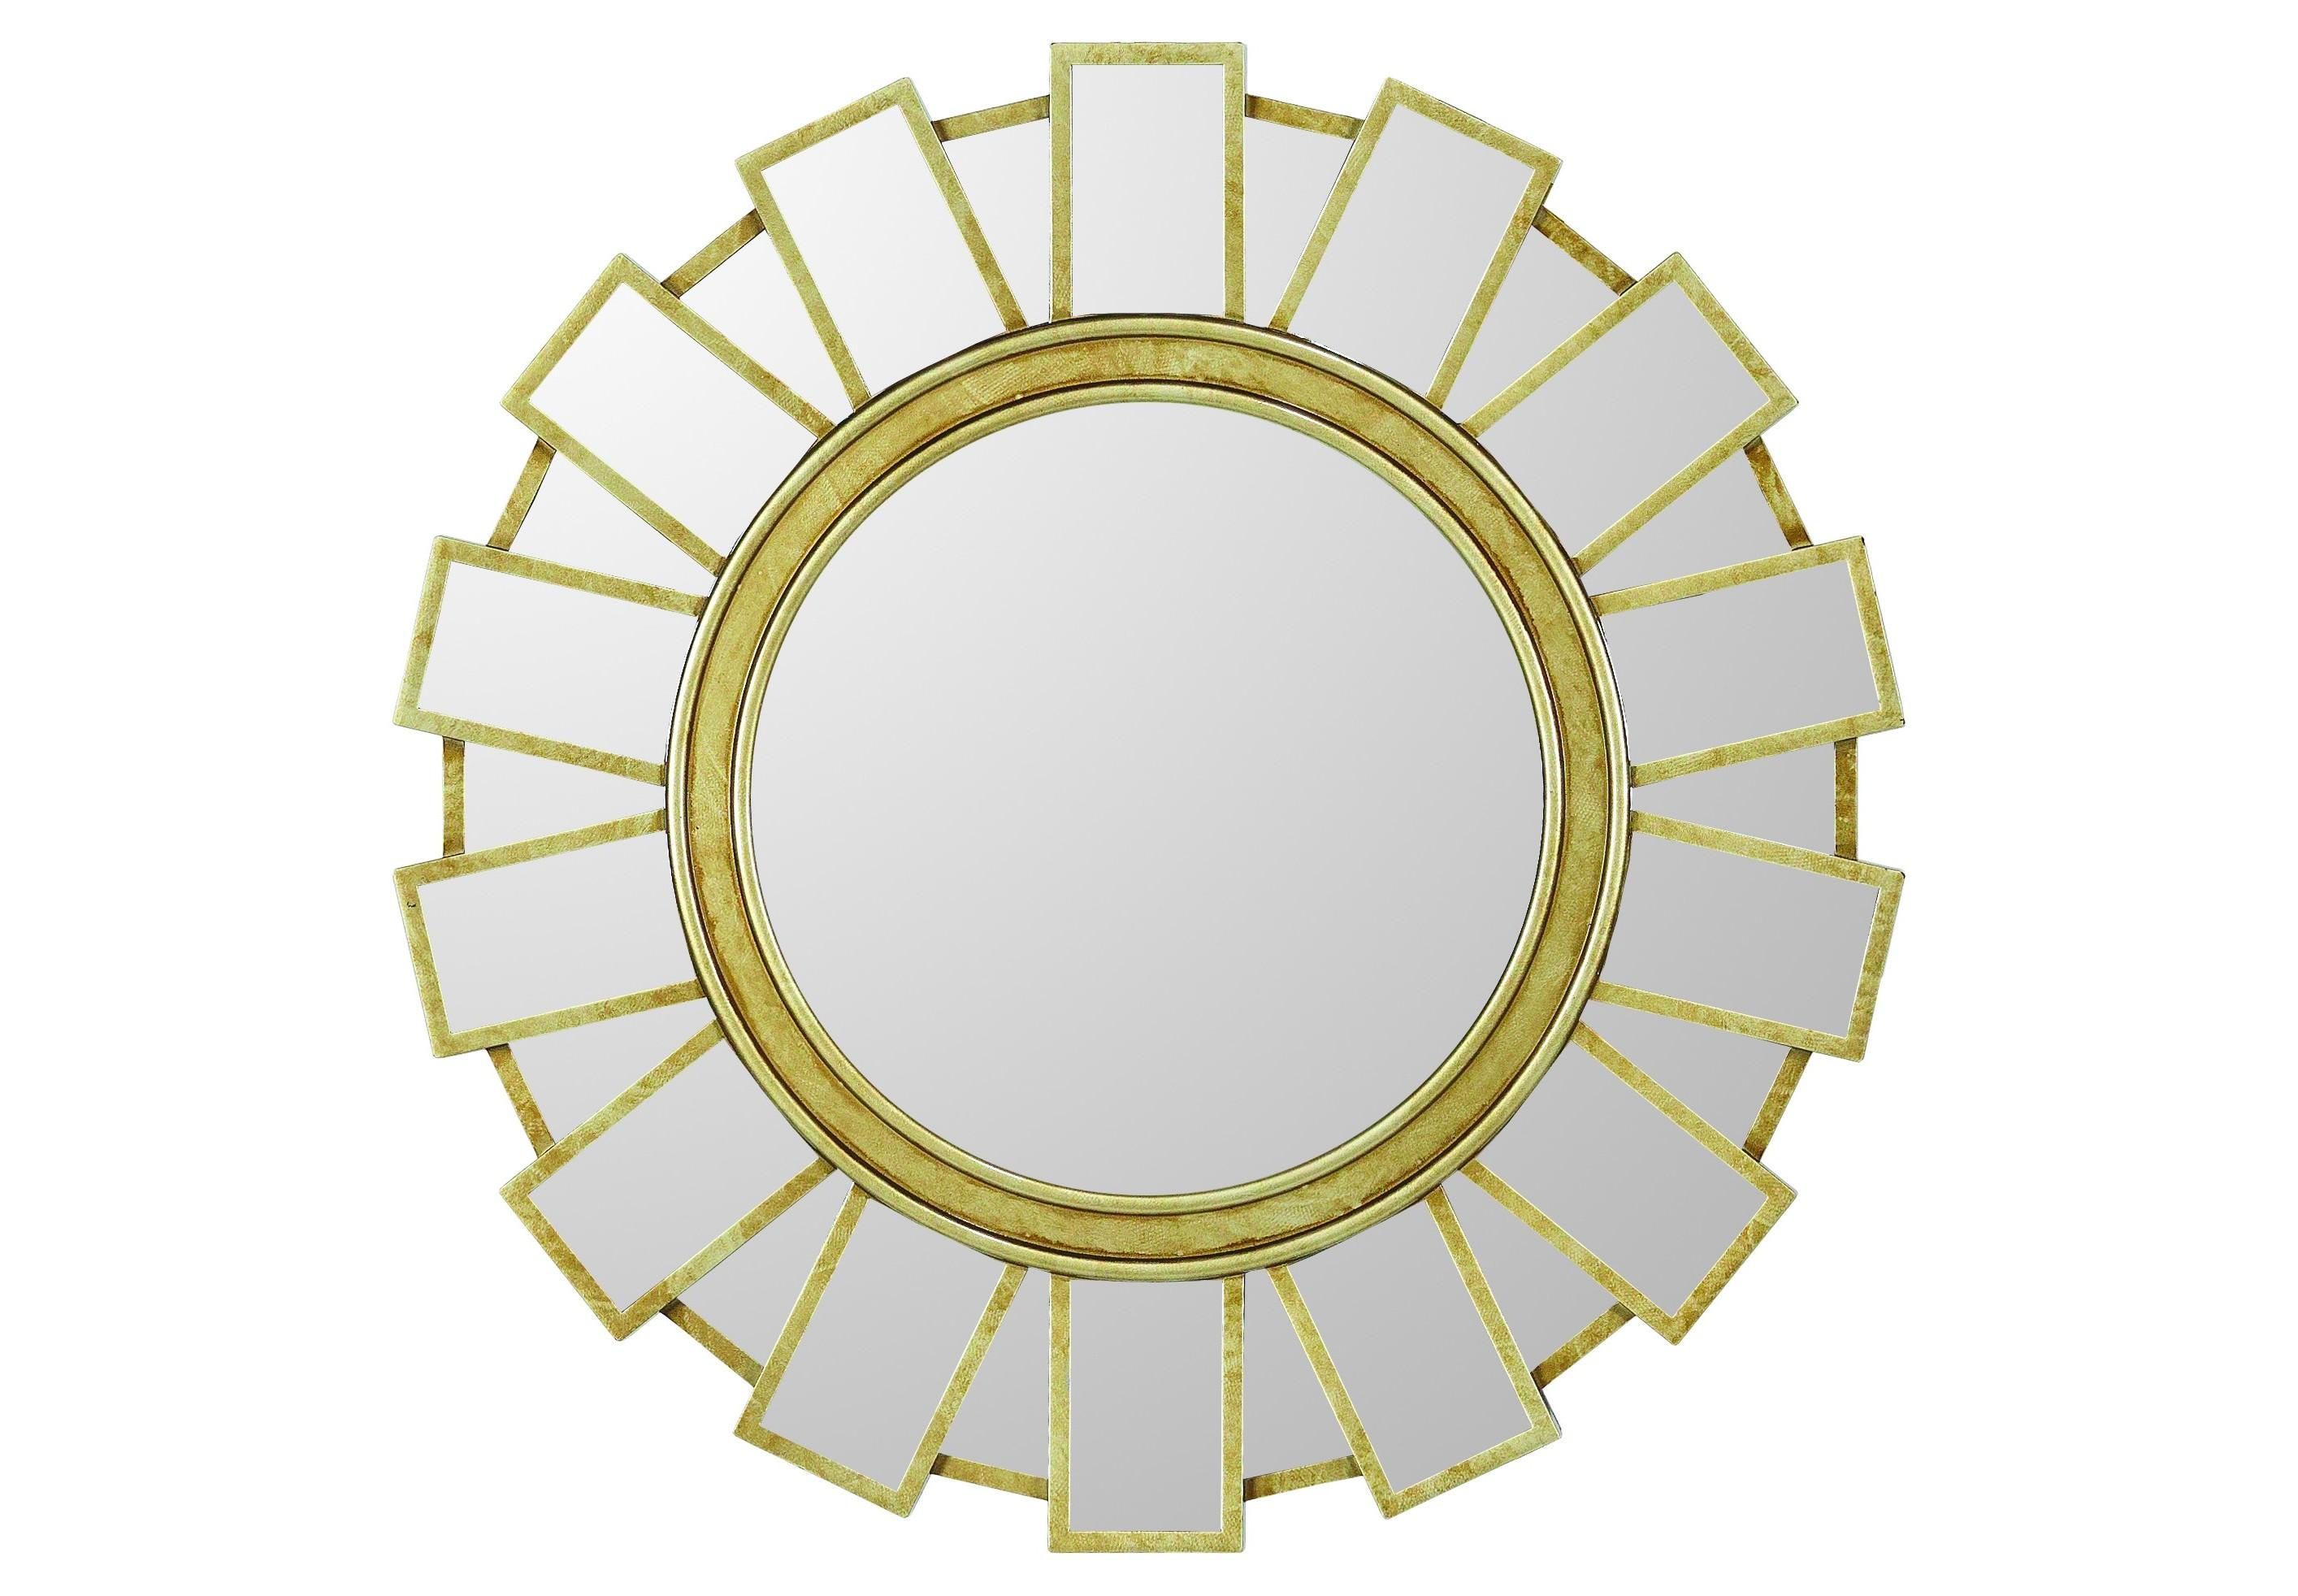 Настенное зеркало AuvergneНастенные зеркала<br><br><br>Material: Стекло<br>Depth см: 4<br>Diameter см: 50